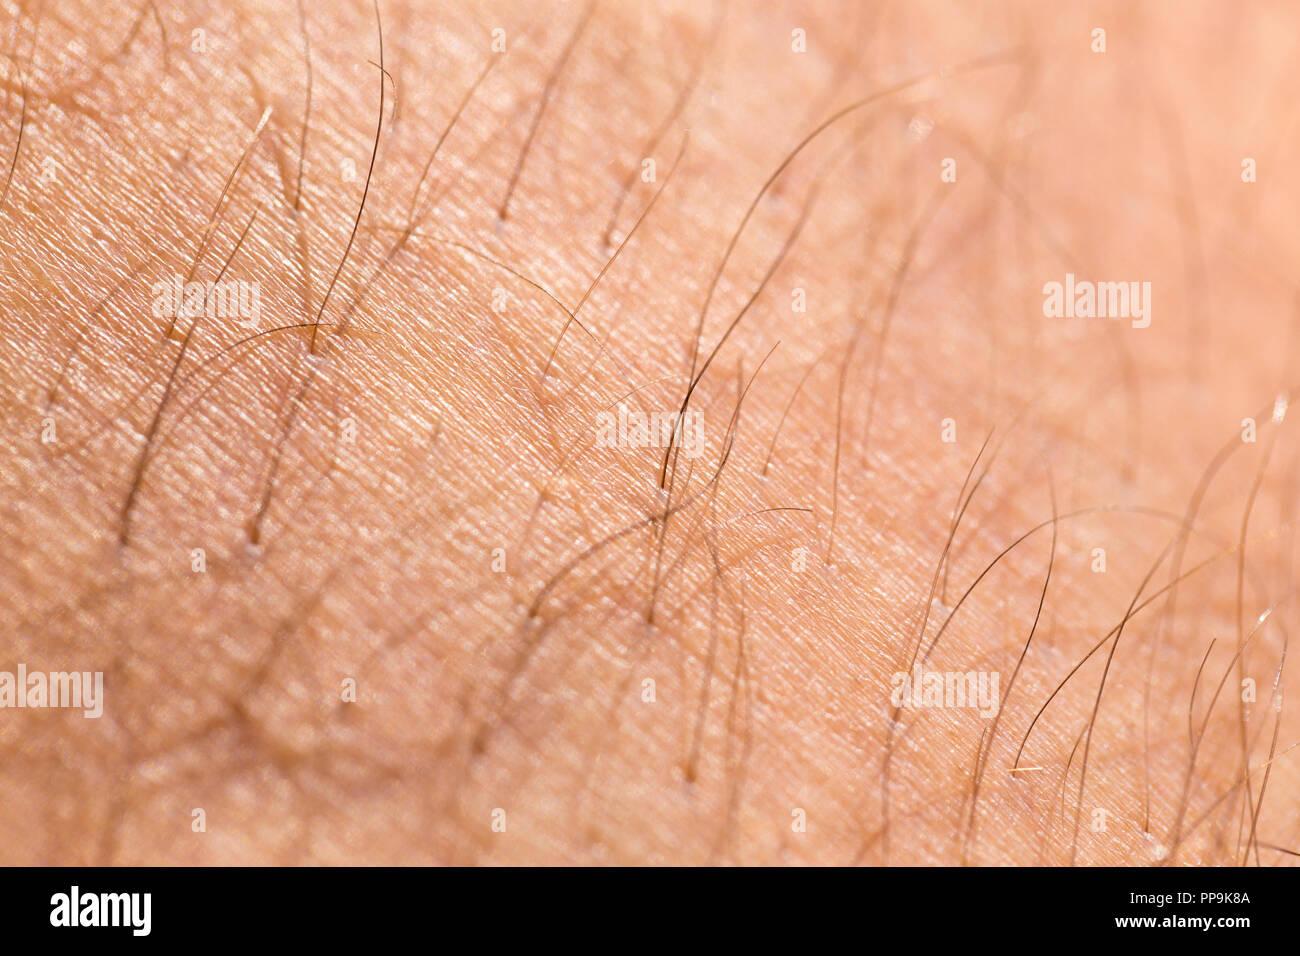 Dettaglio della pelle umana con i capelli, close-up Immagini Stock